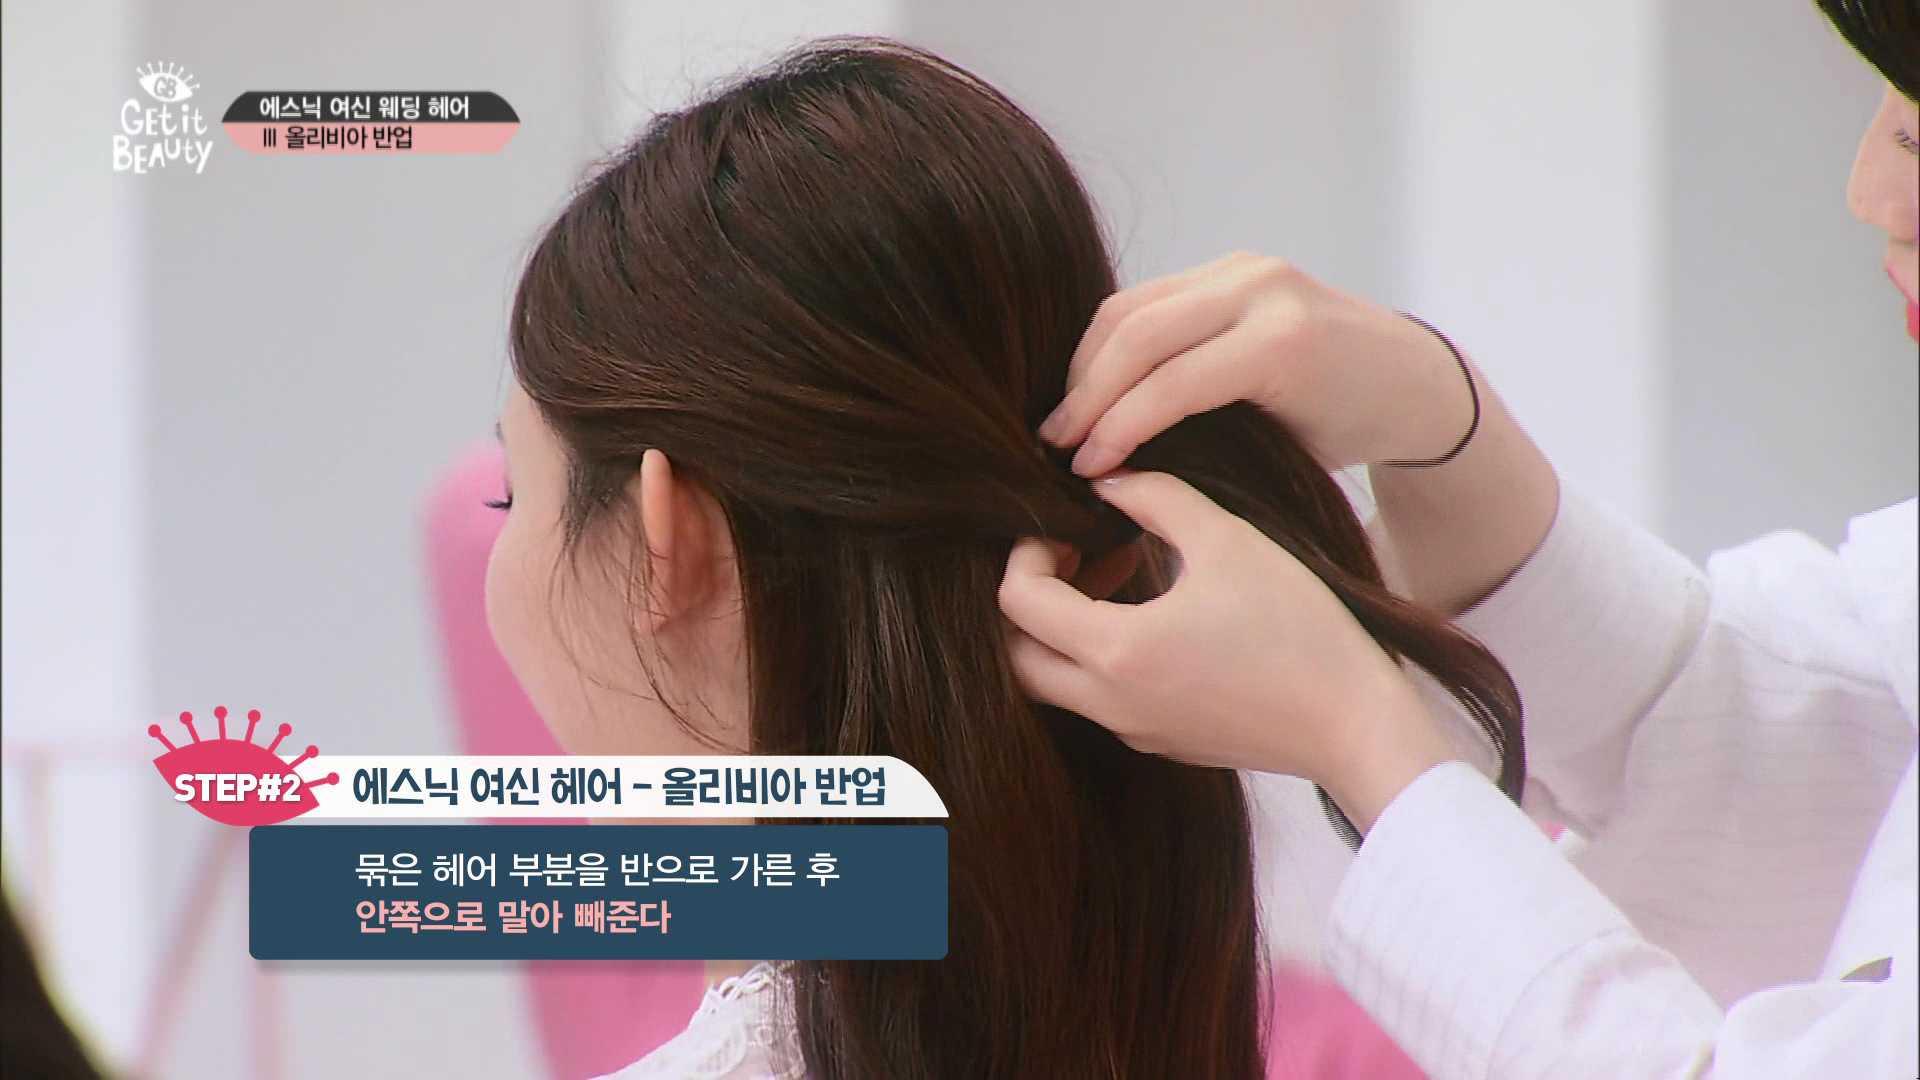 먼저 앞쪽의 머리카락을 뒤로 가져와서 묶은 후 묶인 헤어 부분을 안쪽으로 말아서 뺴주면